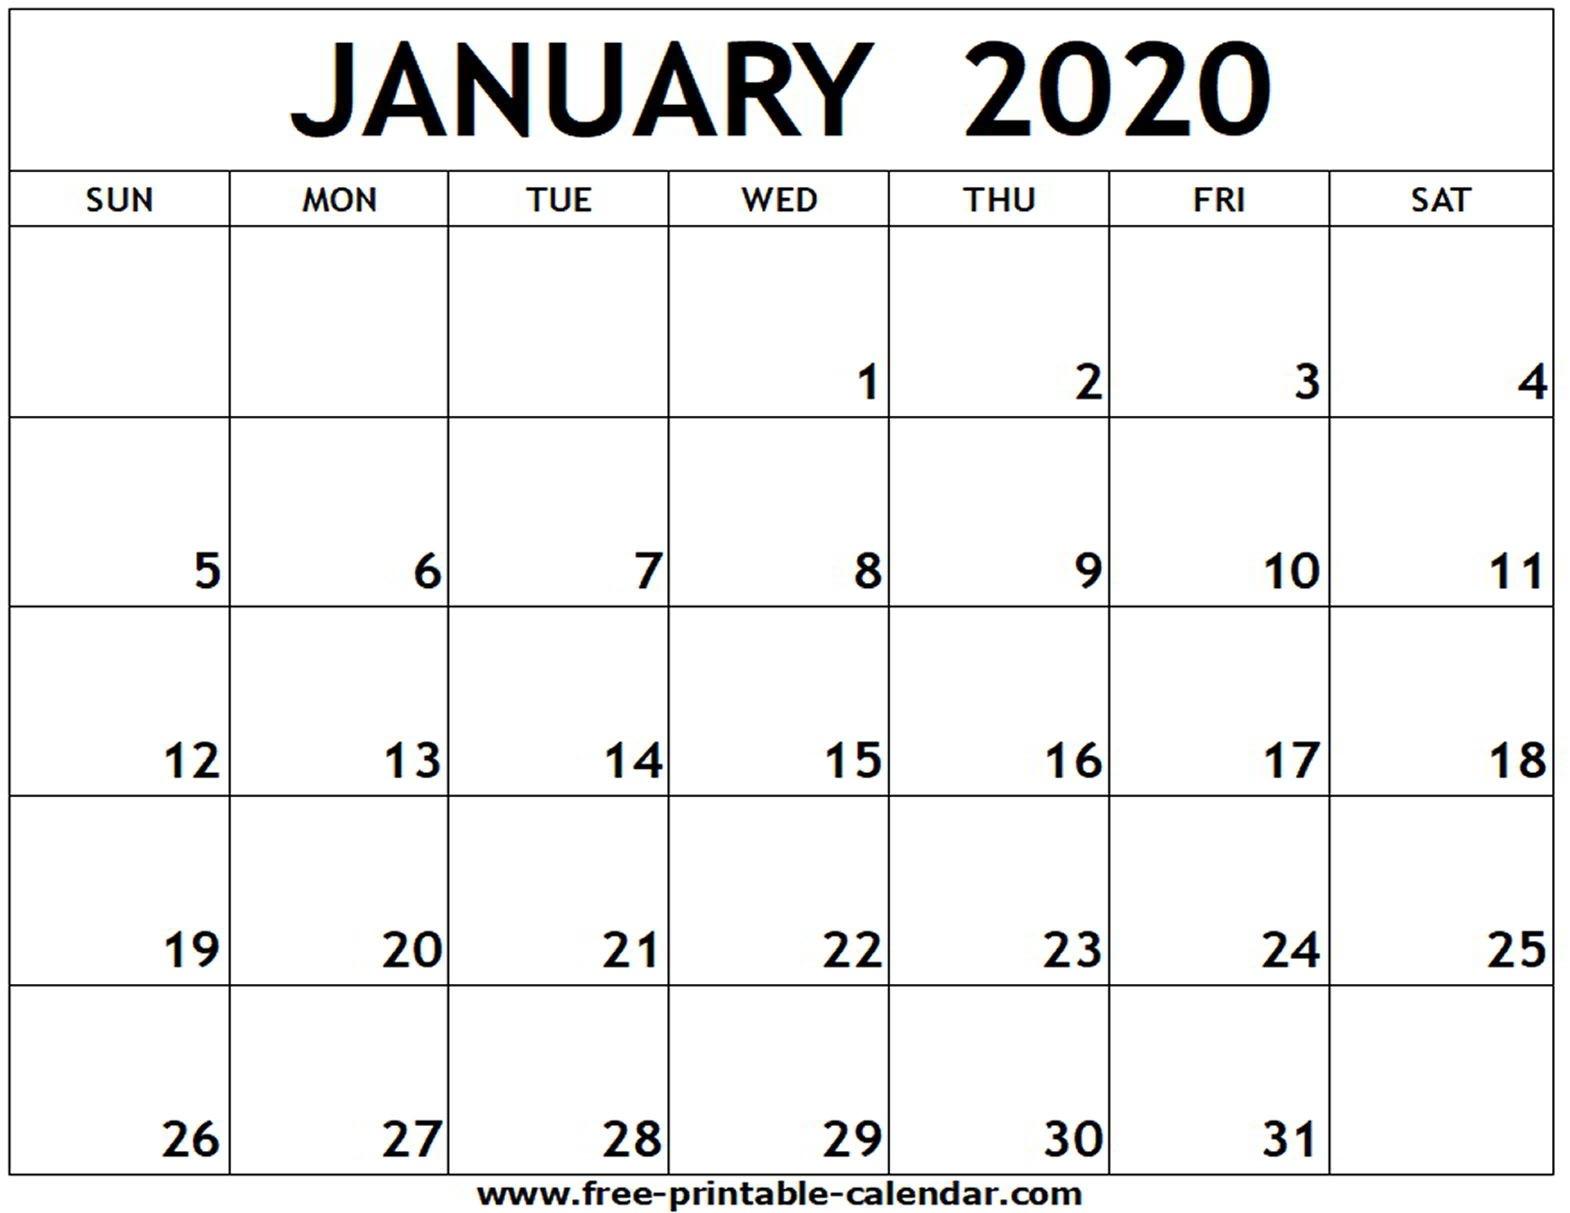 January 2020 Printable Calendar - Free-Printable-Calendar-Free Printable January 2020 Calendar With Holidays